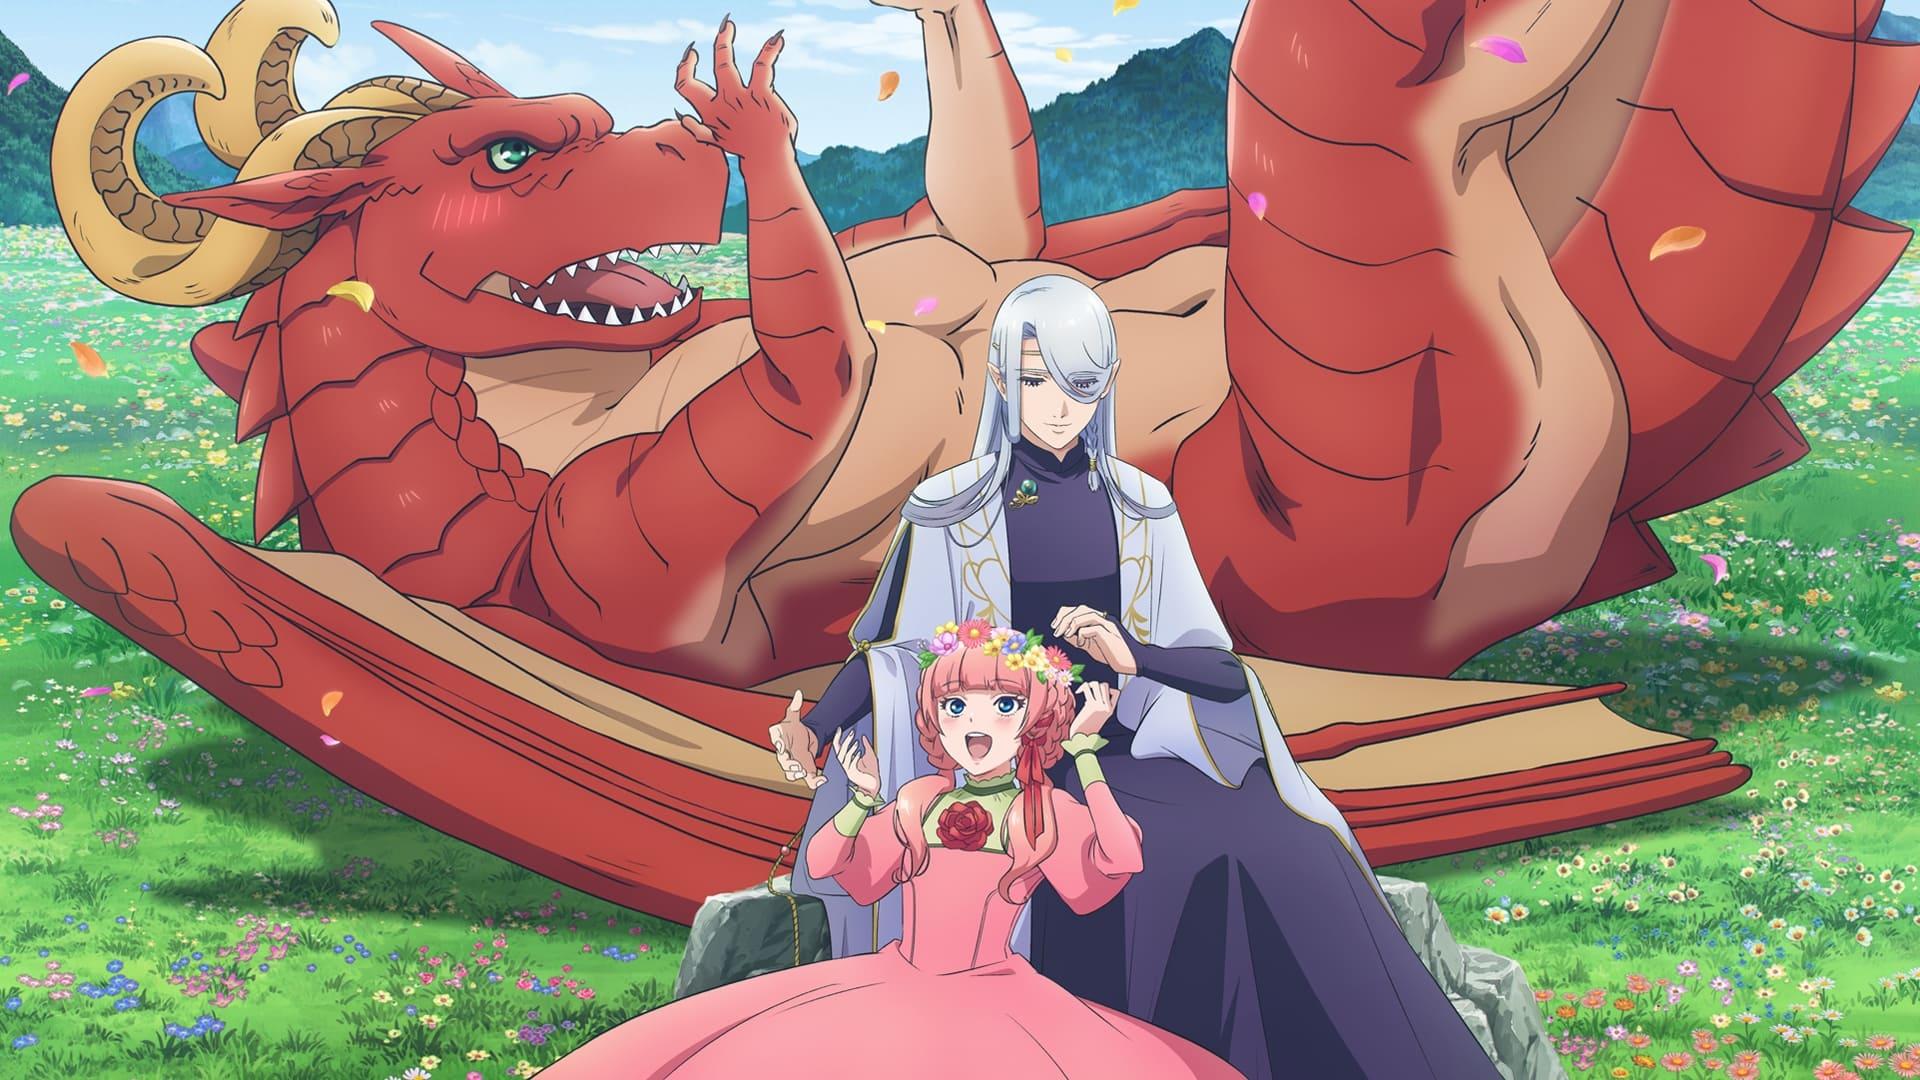 Dragon, Ie wo Kau. (2021)